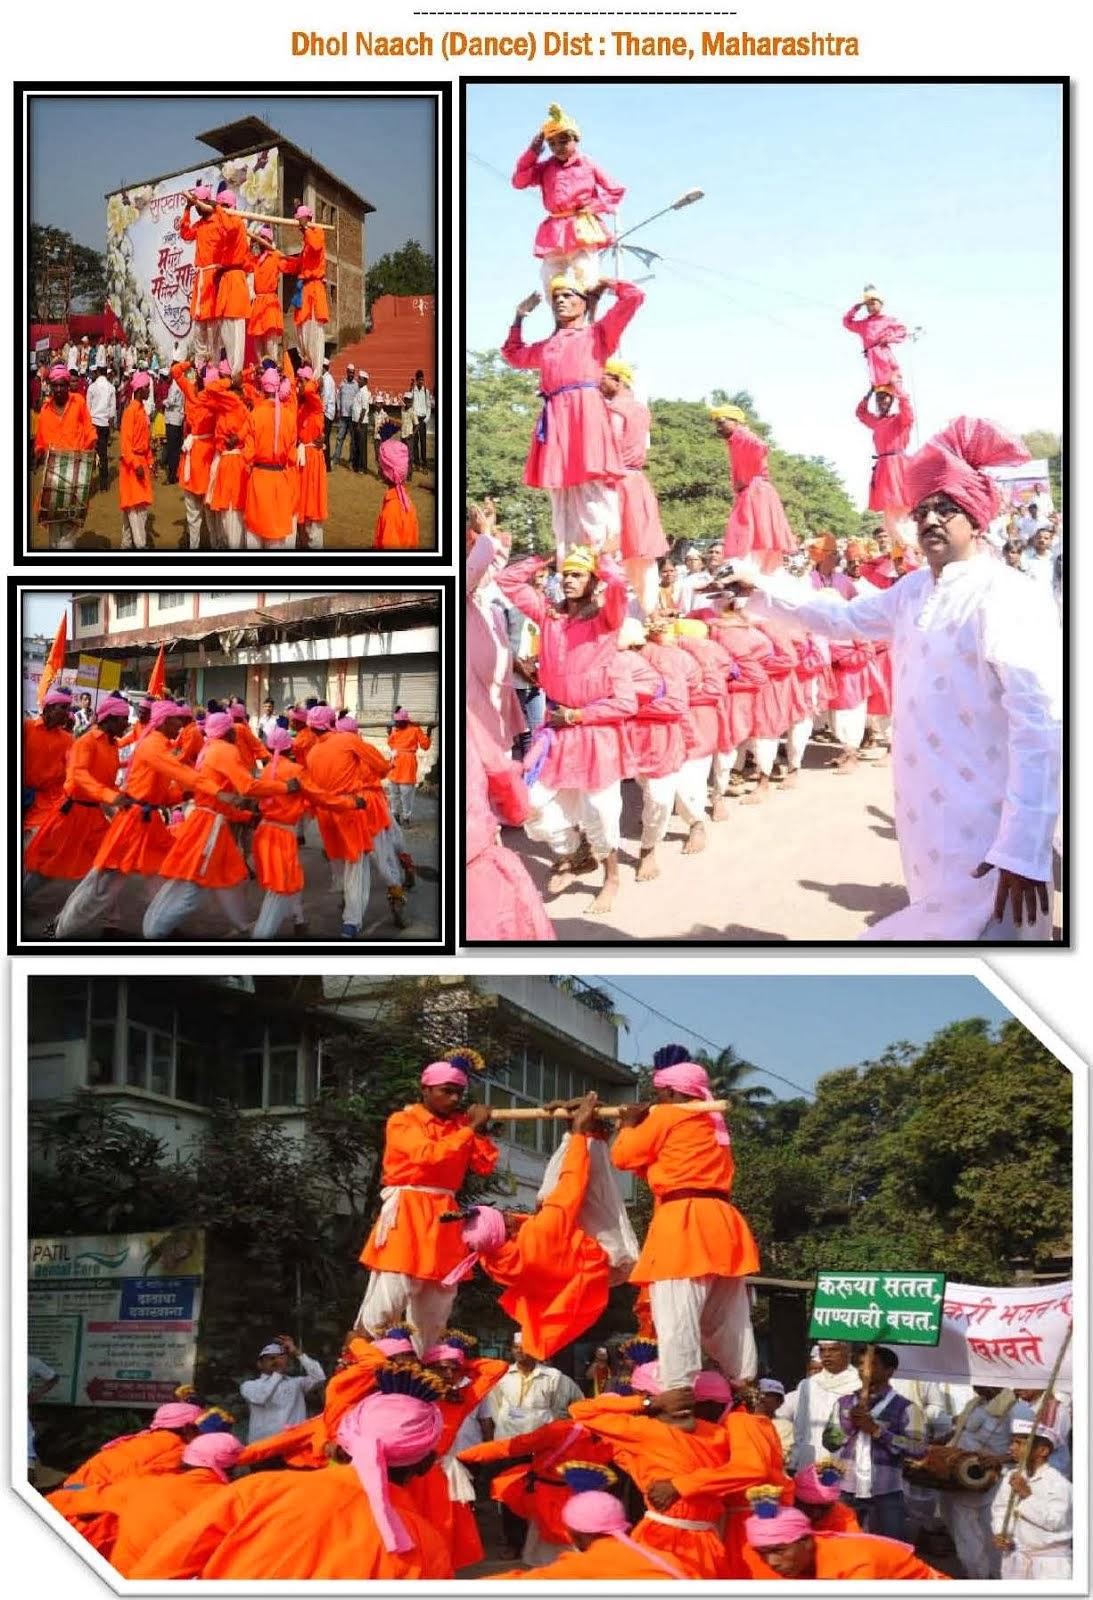 Dhol Dance - Thane, Maharashtra